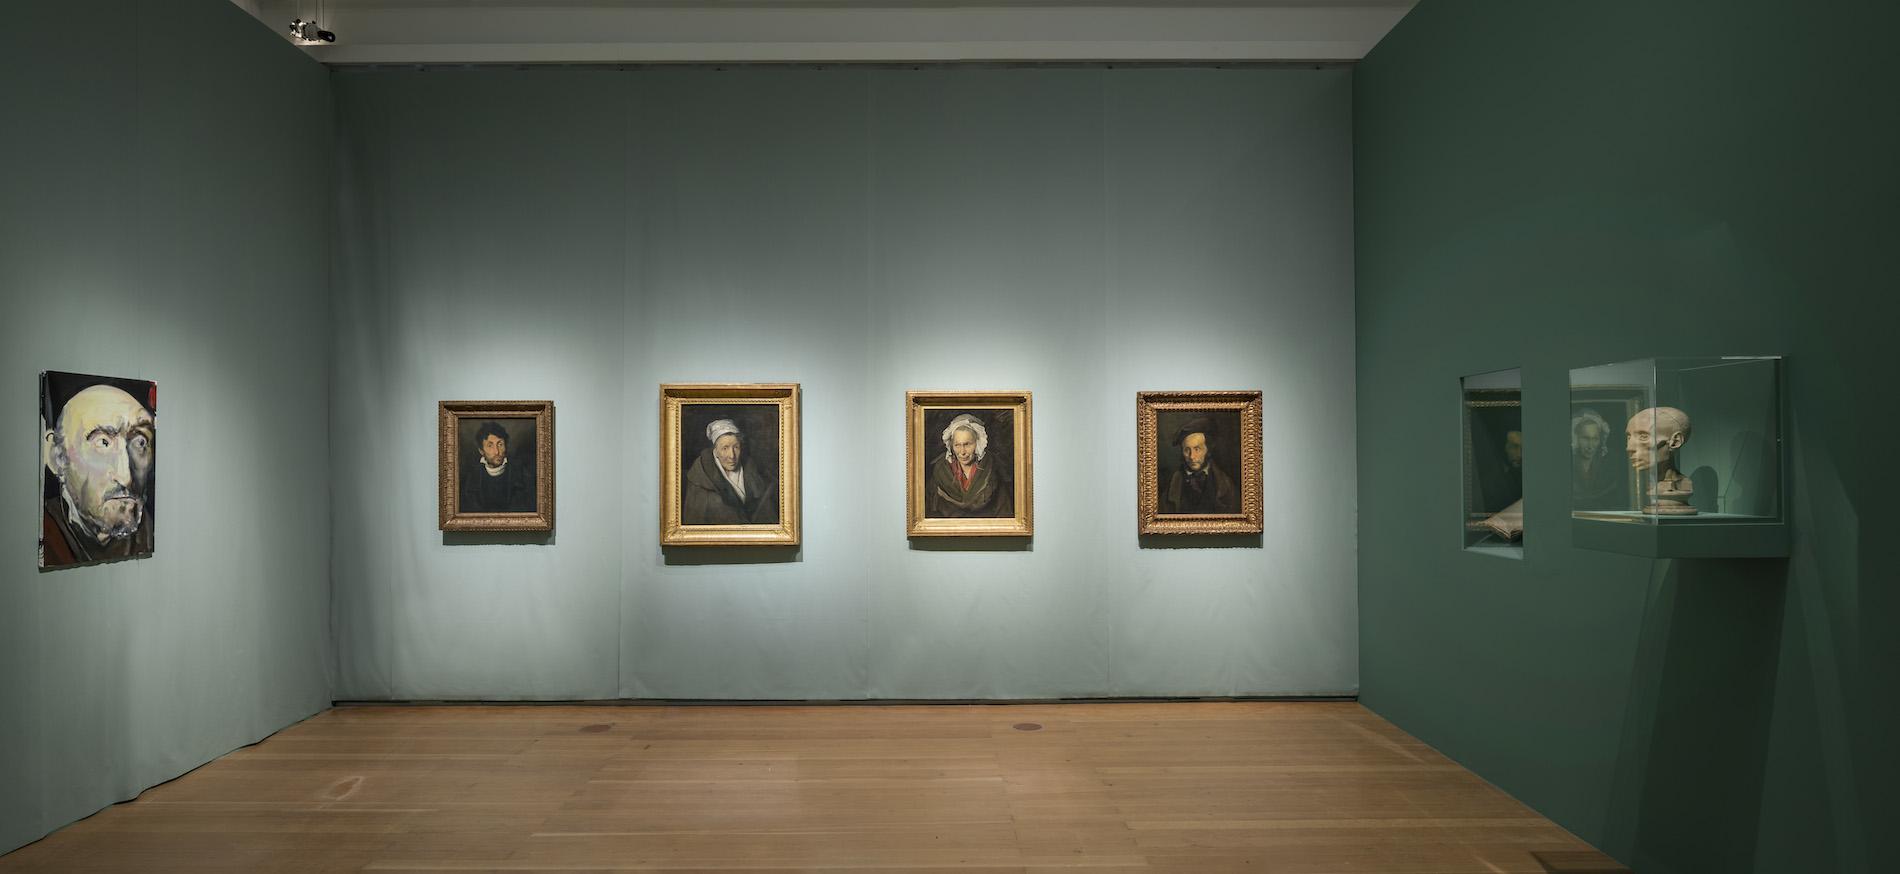 Kunsthalle Schirn, Géricault: Bilder auf Leben und Tod, 2013-2014